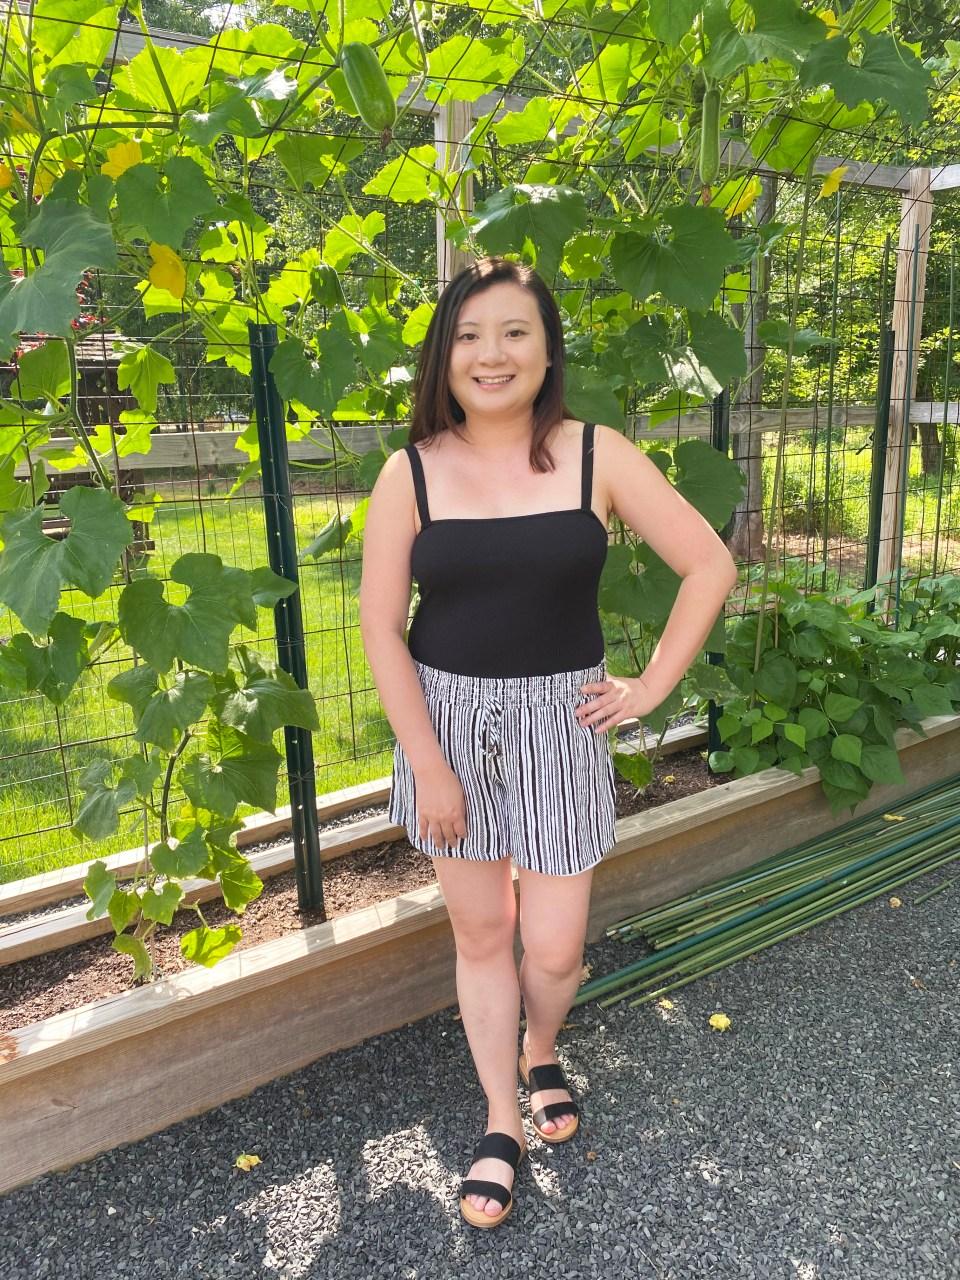 Black Bodysuit & Striped Shorts 5